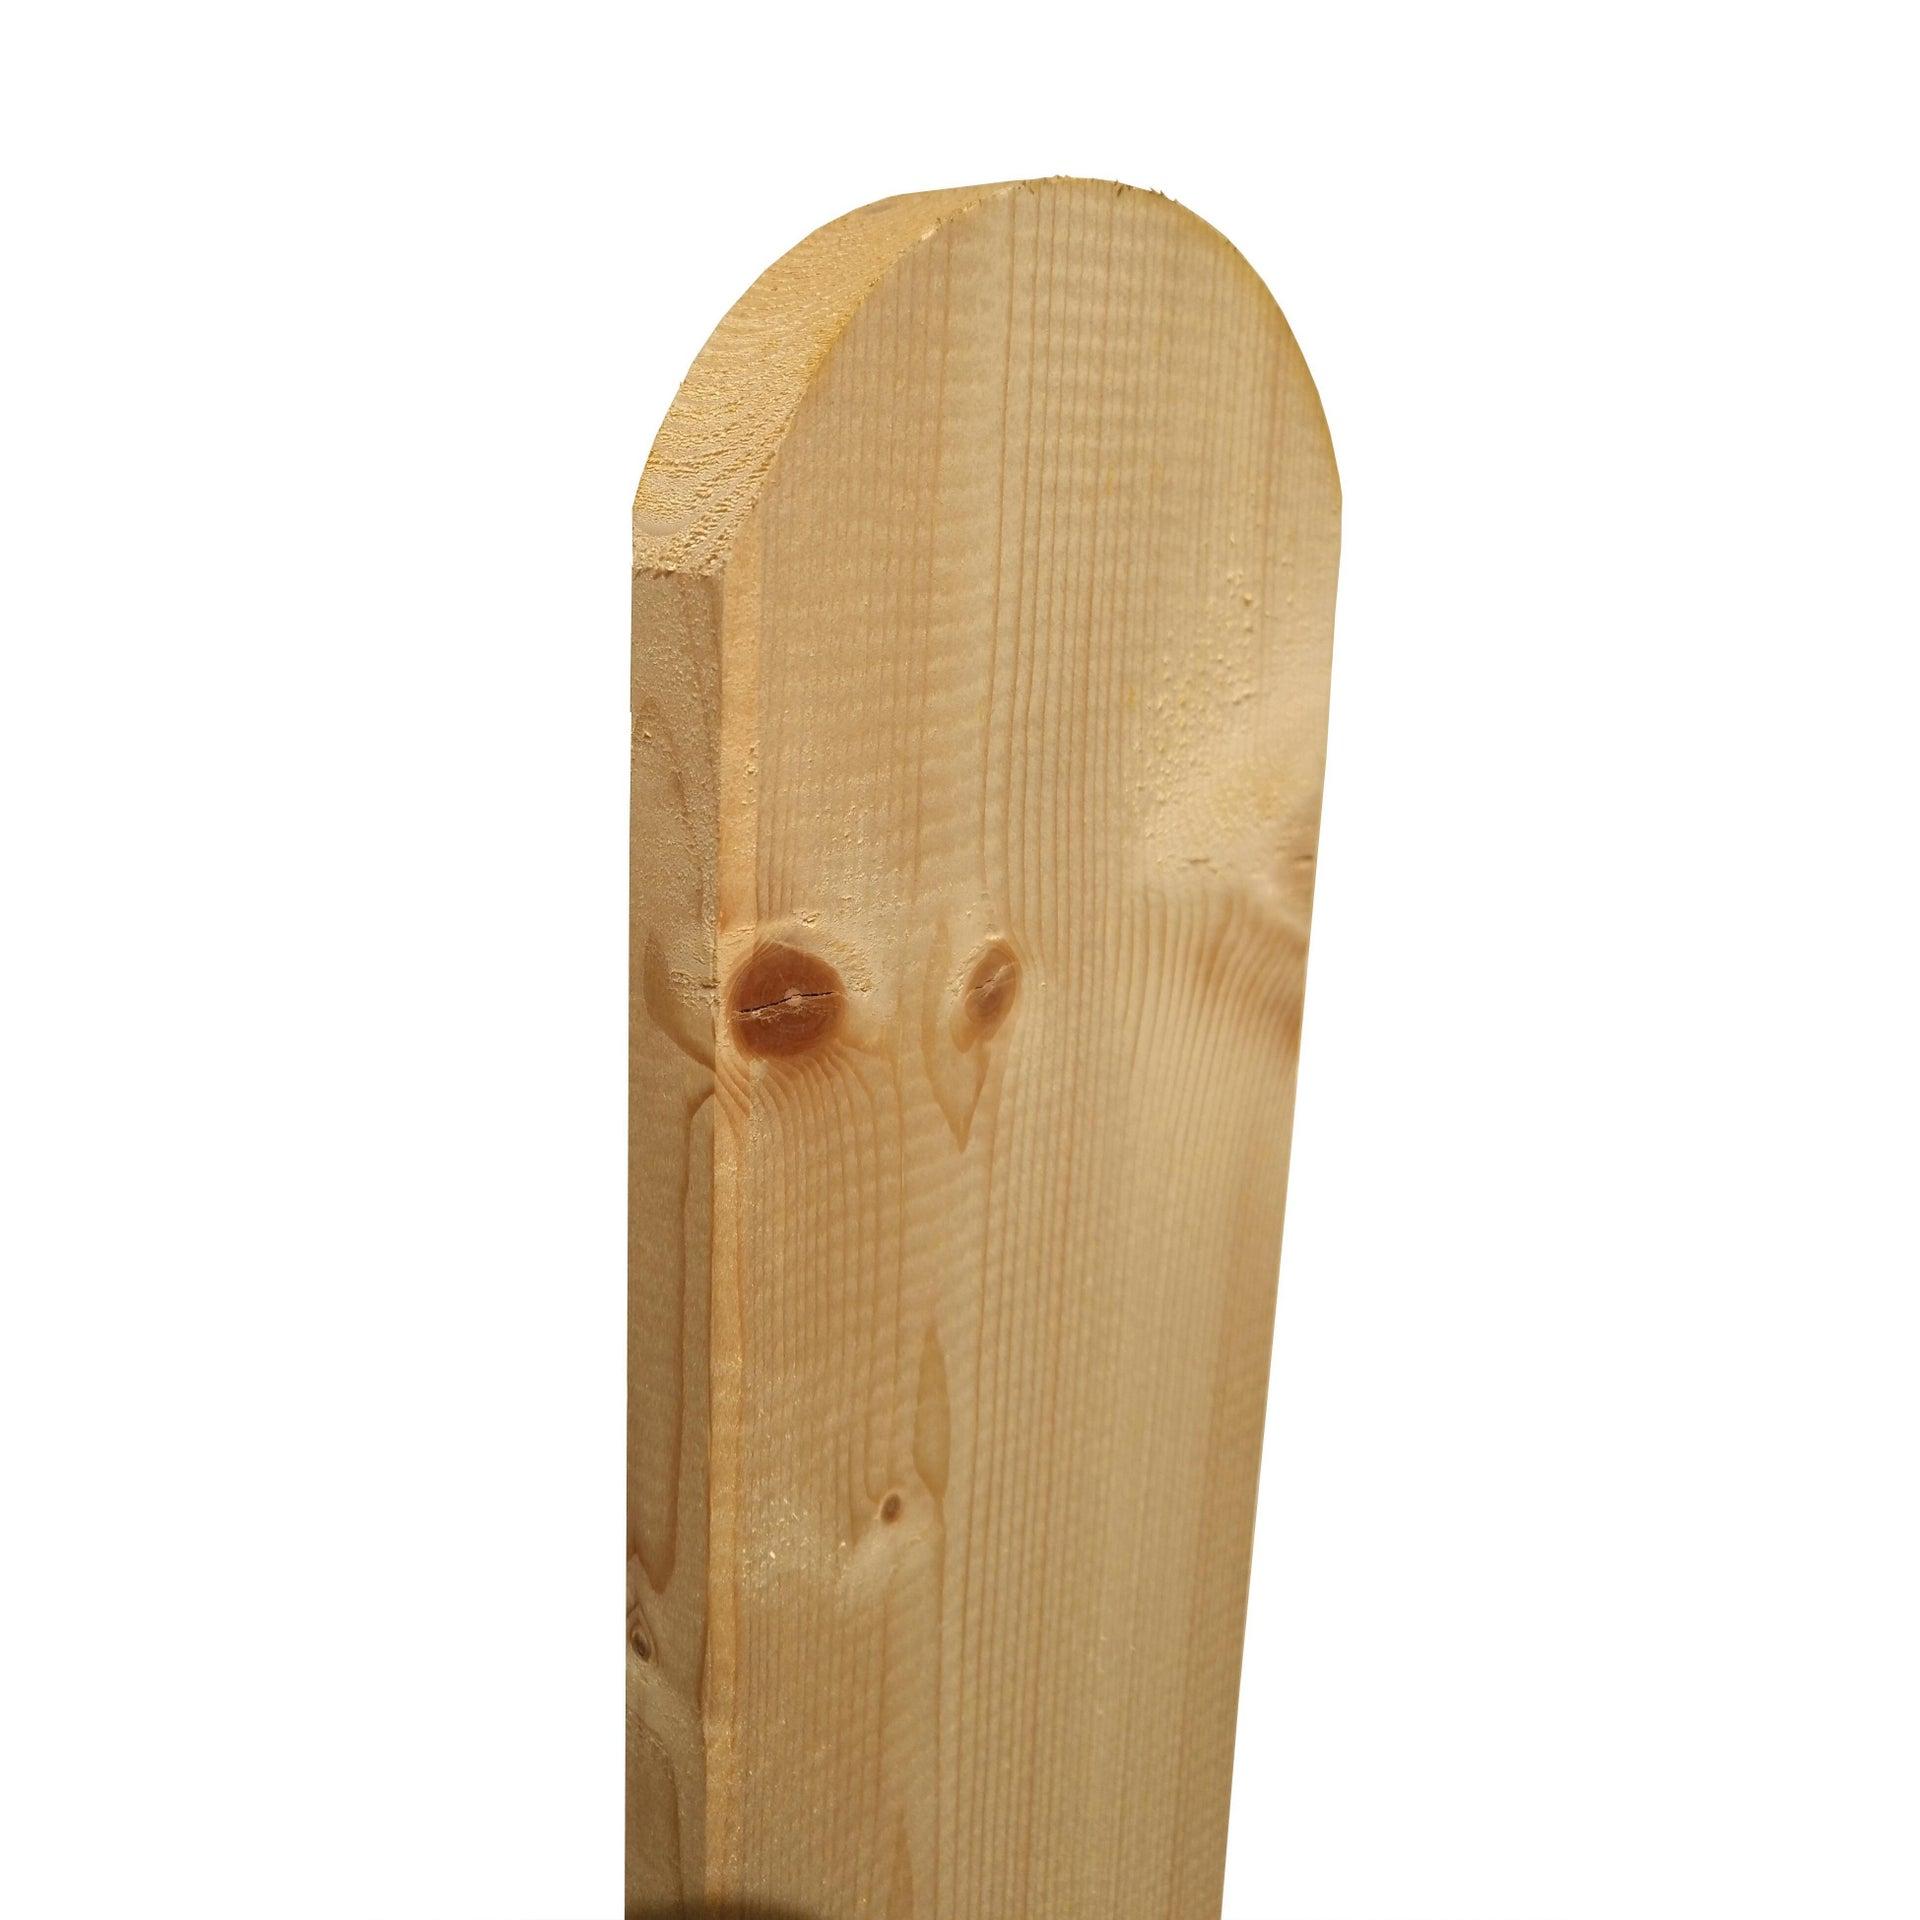 Balaustra in legno pino L 78 x H 8.9 cm - 2